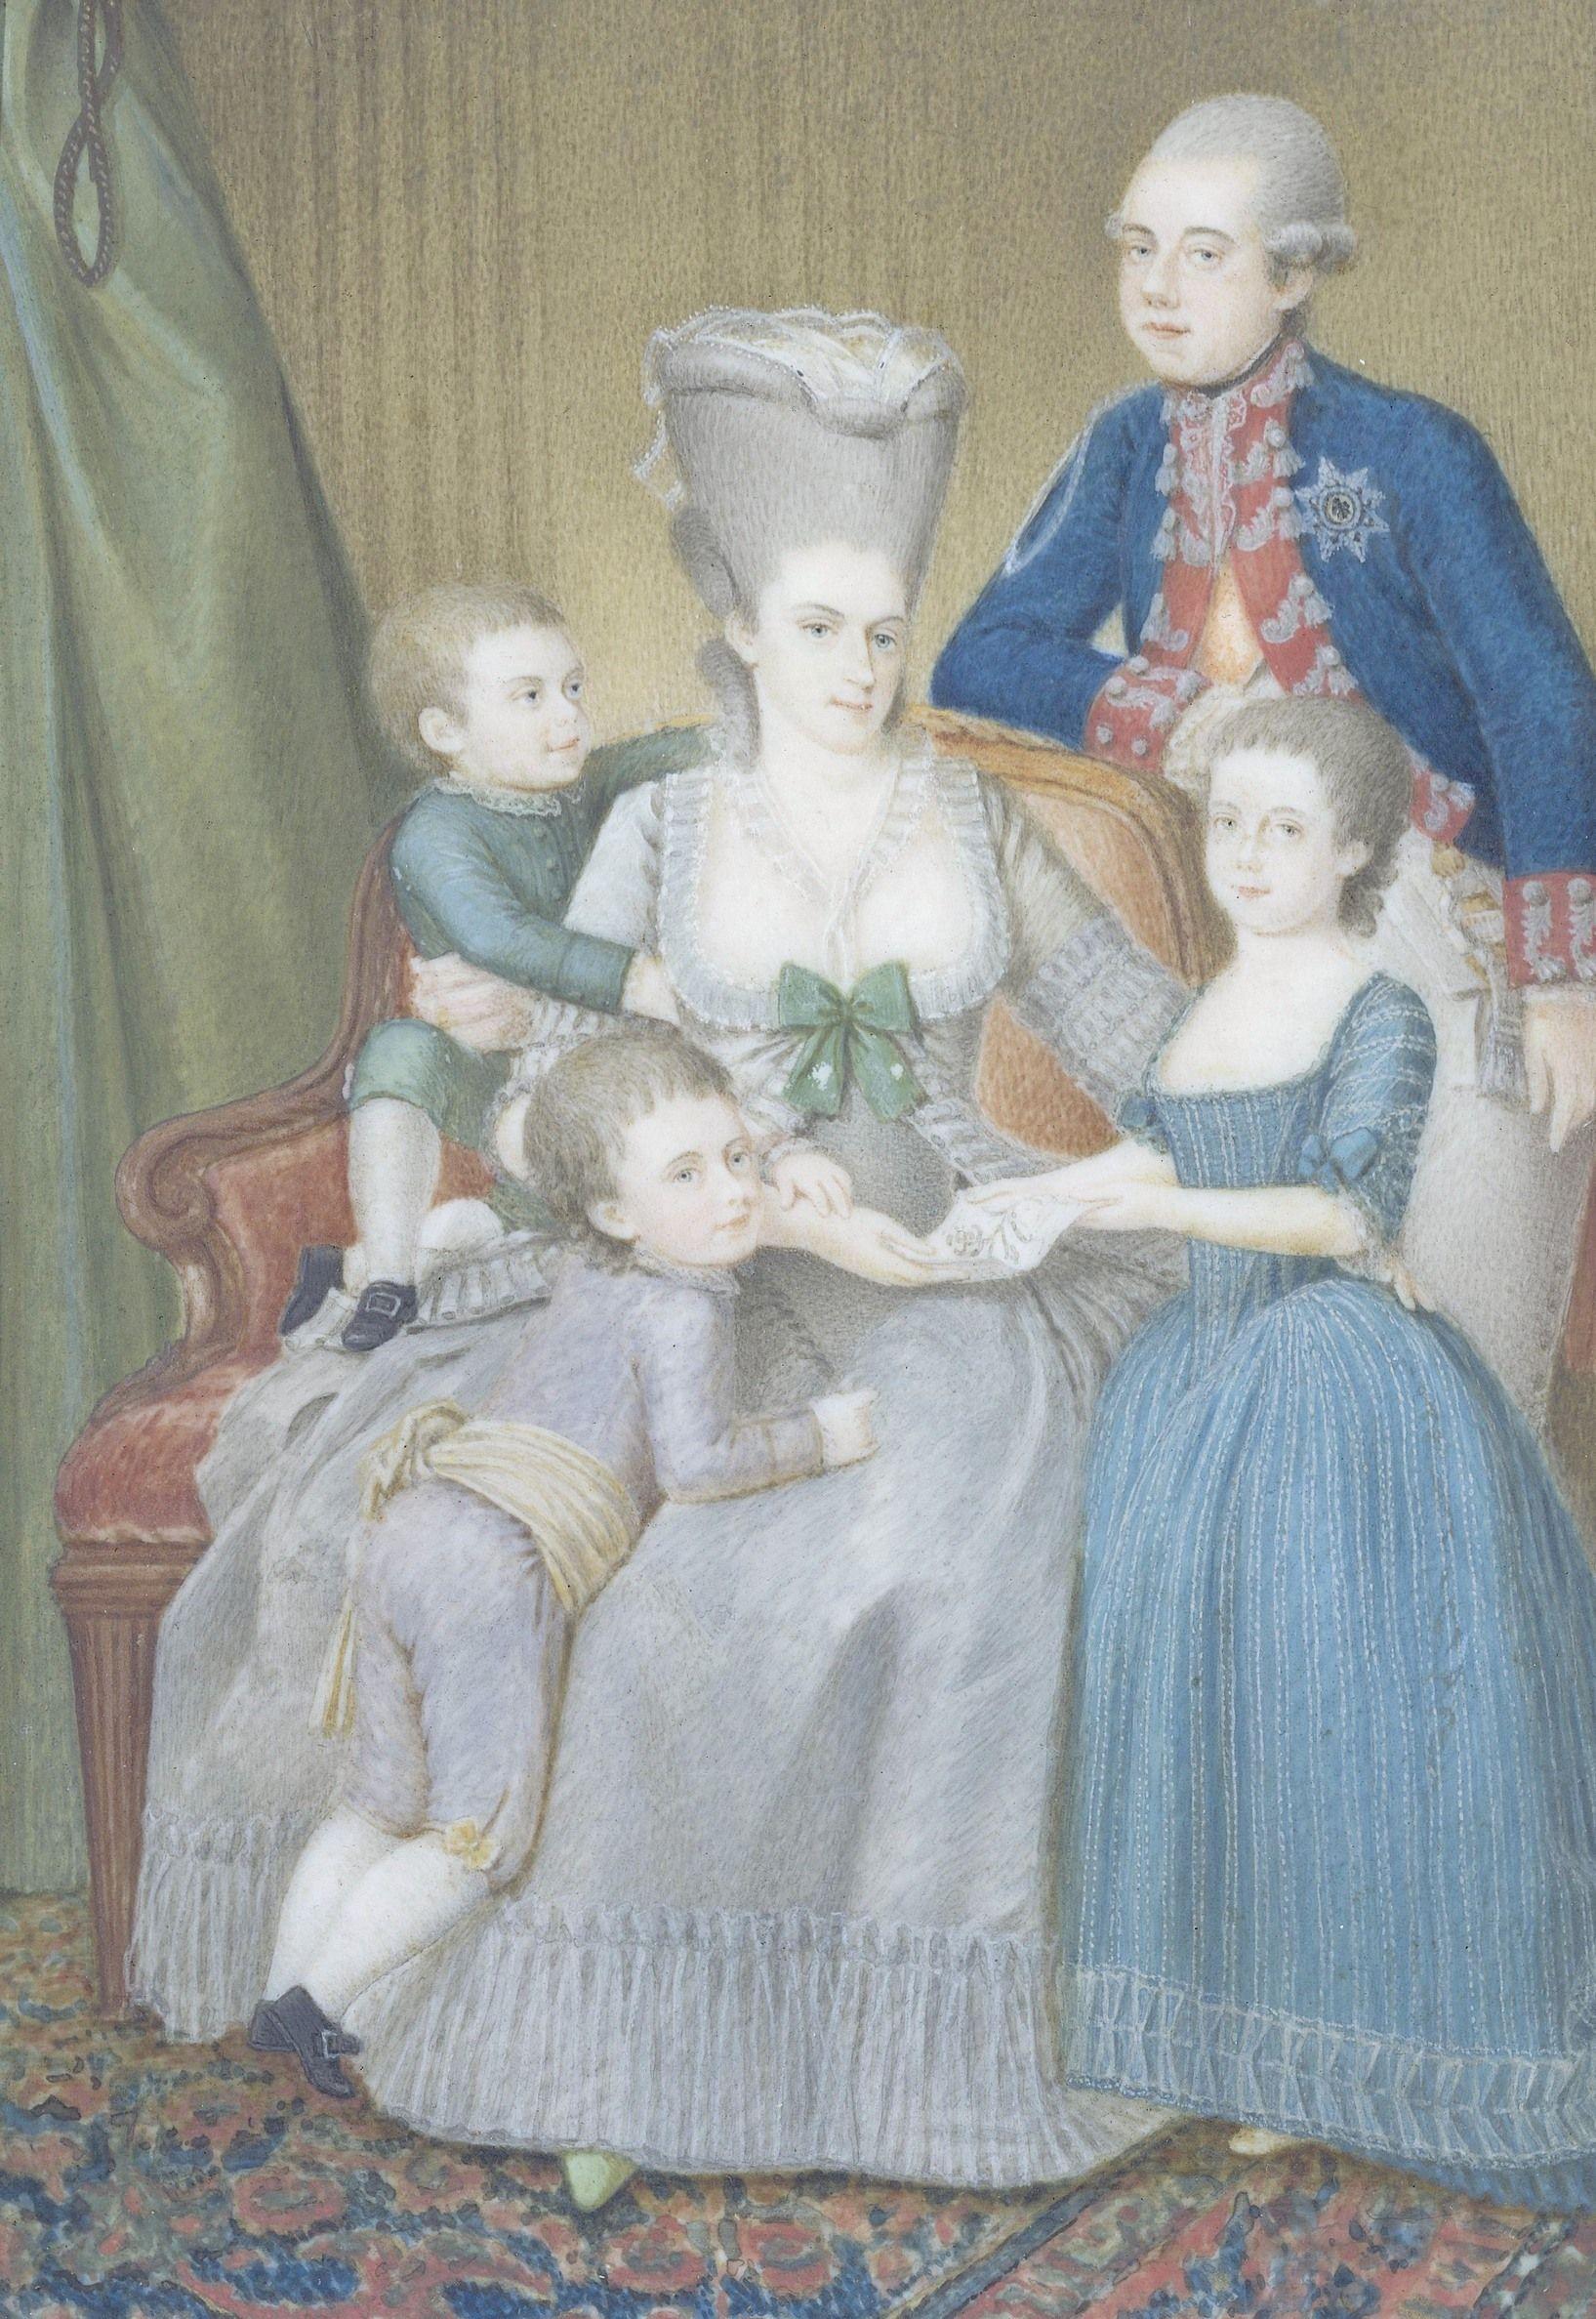 Prins Willem V met zijn echtgenote Wilhelmina van Pruisen en hun kinderen Louise, Willem (de latere koning Willem I) en als jongste Frederik. Miniatuur door Pieter le Sage (1779); coll. Rijksmuseum, Amsterdam